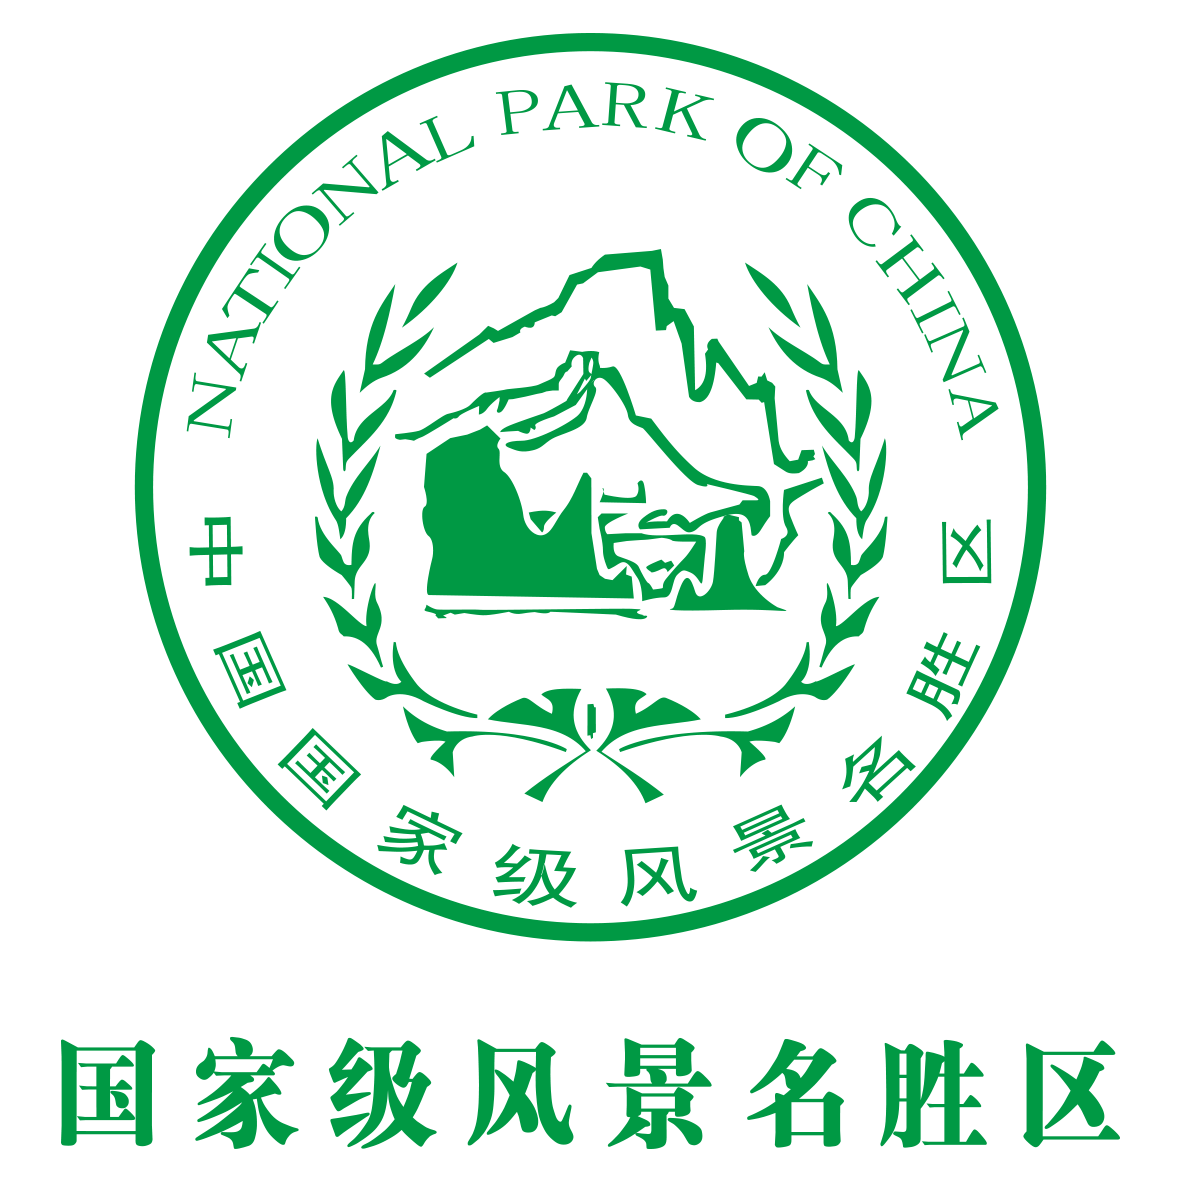 国家景区-logo